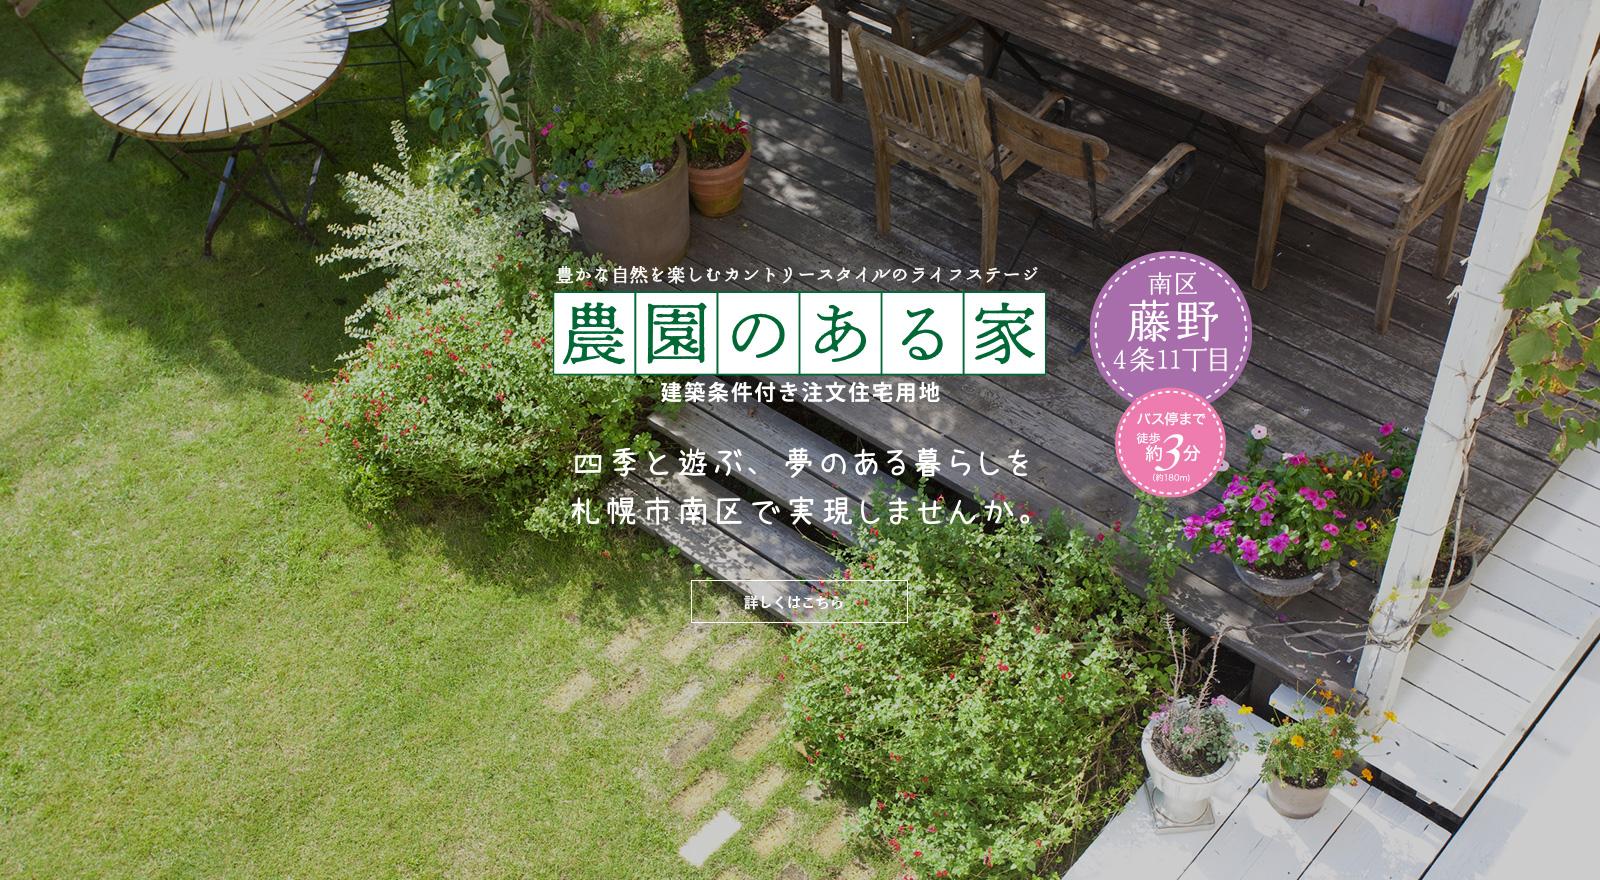 農園のある家 四季と遊ぶ、夢のある暮らしを札幌市南区で実現しませんか。